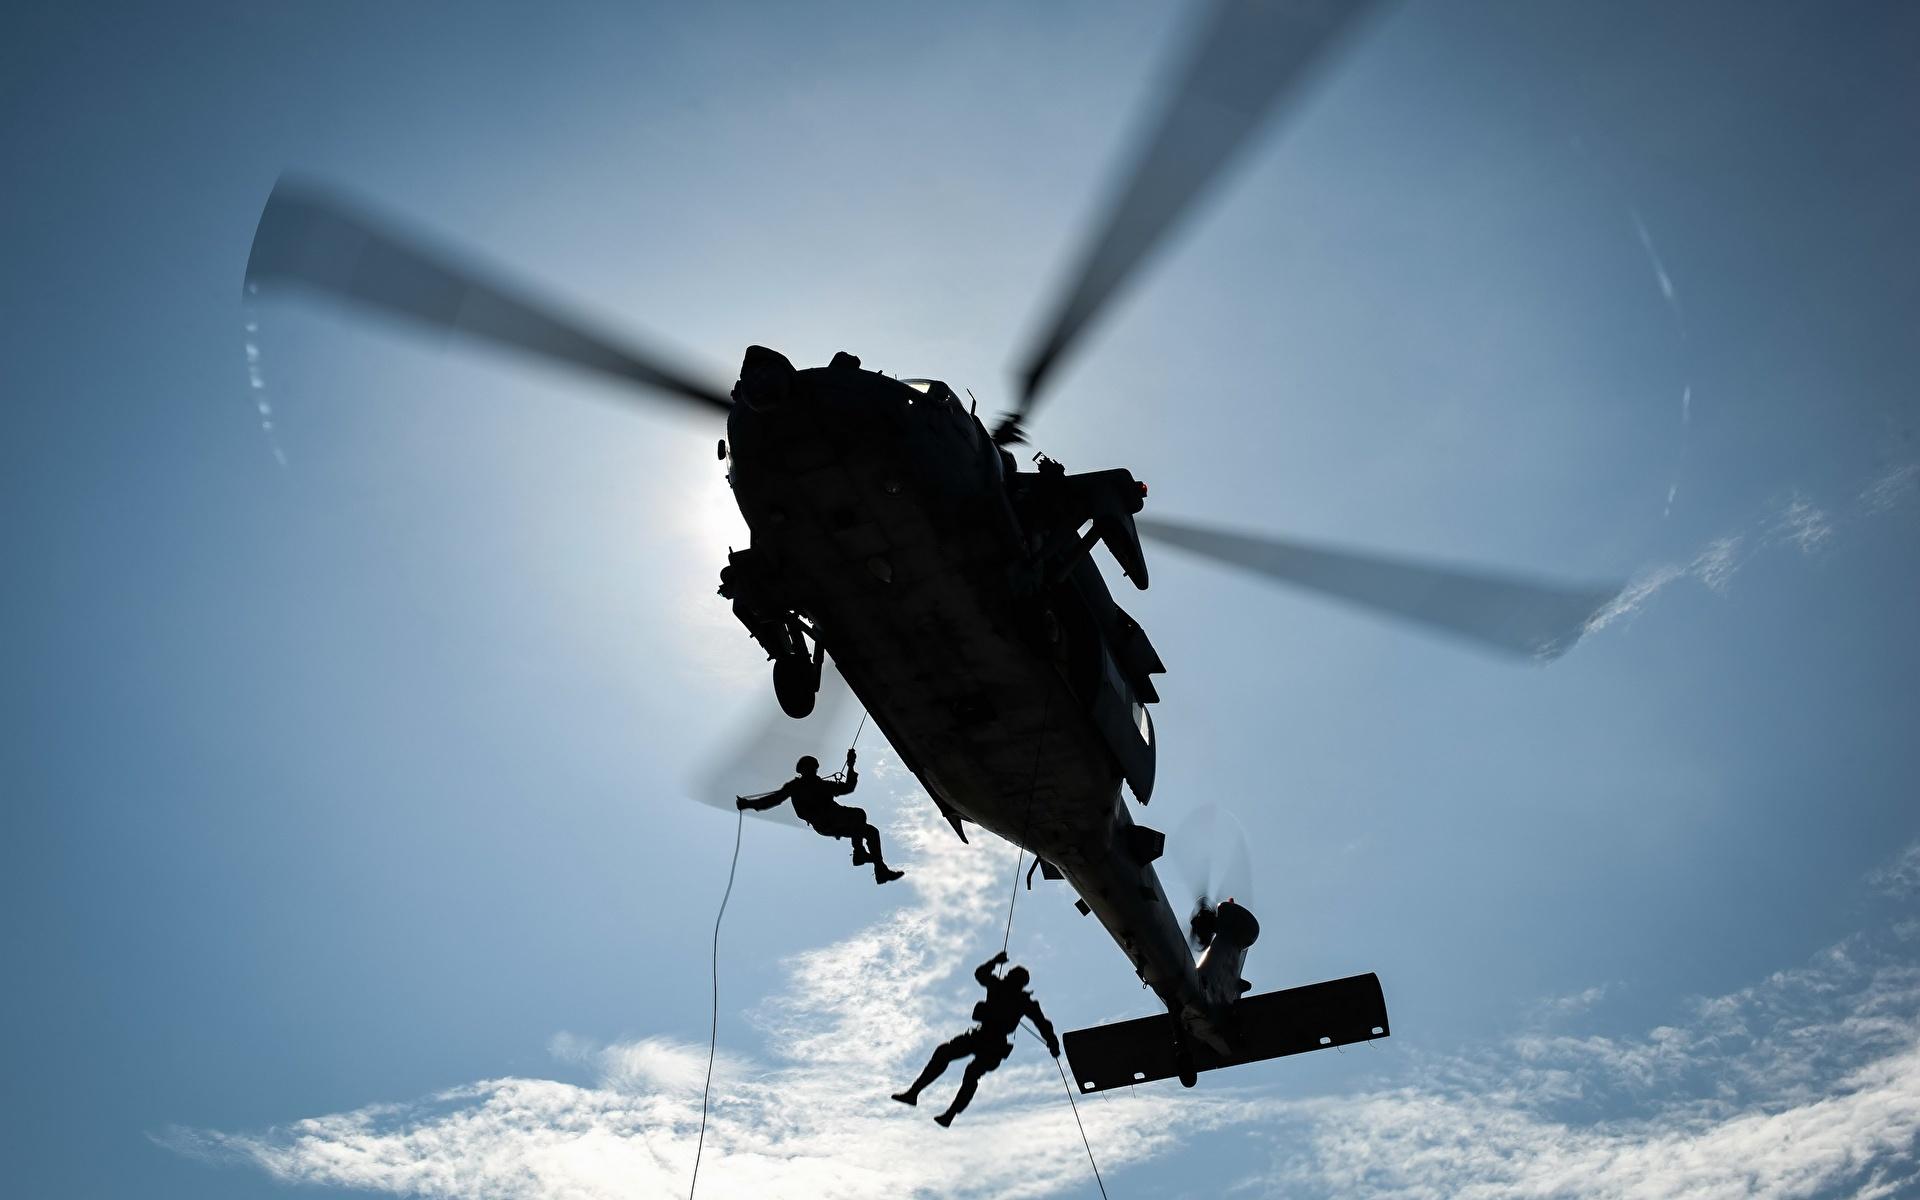 Фото Вертолеты Десантники Вид снизу Силуэт Армия Авиация 1920x1200 вертолет Десант высодка десанта силуэта силуэты военные